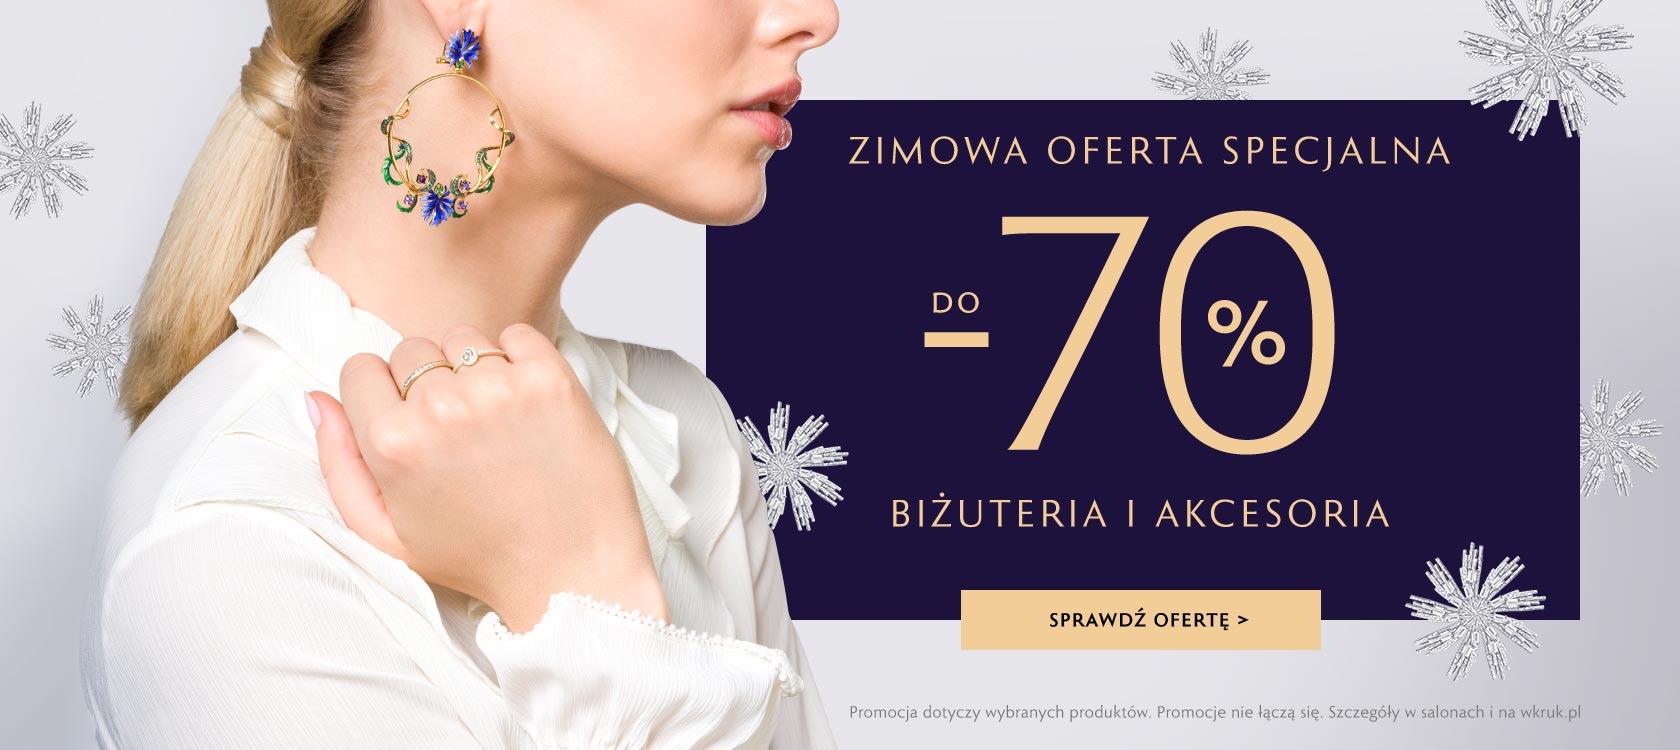 W.Kruk: do 70% zniżki na wybraną biżuterię oraz akcesoria